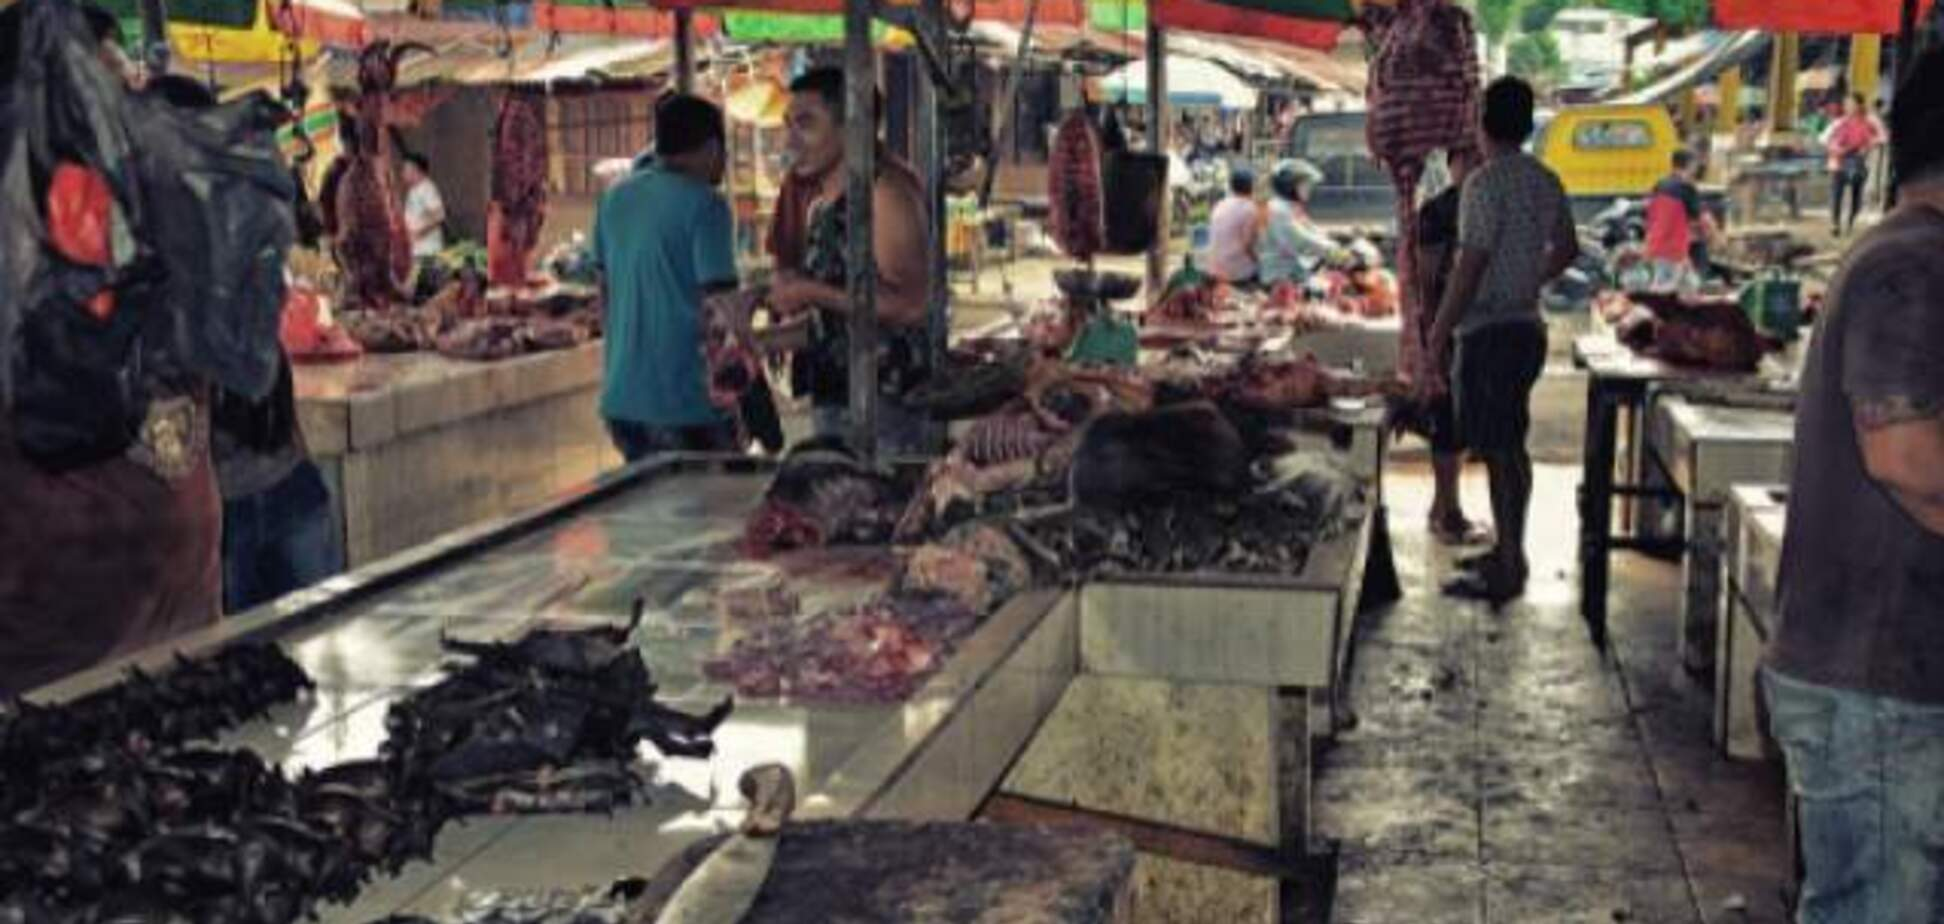 В Ухане открыли рынок с летучими мышами, от которых пошел коронавирус